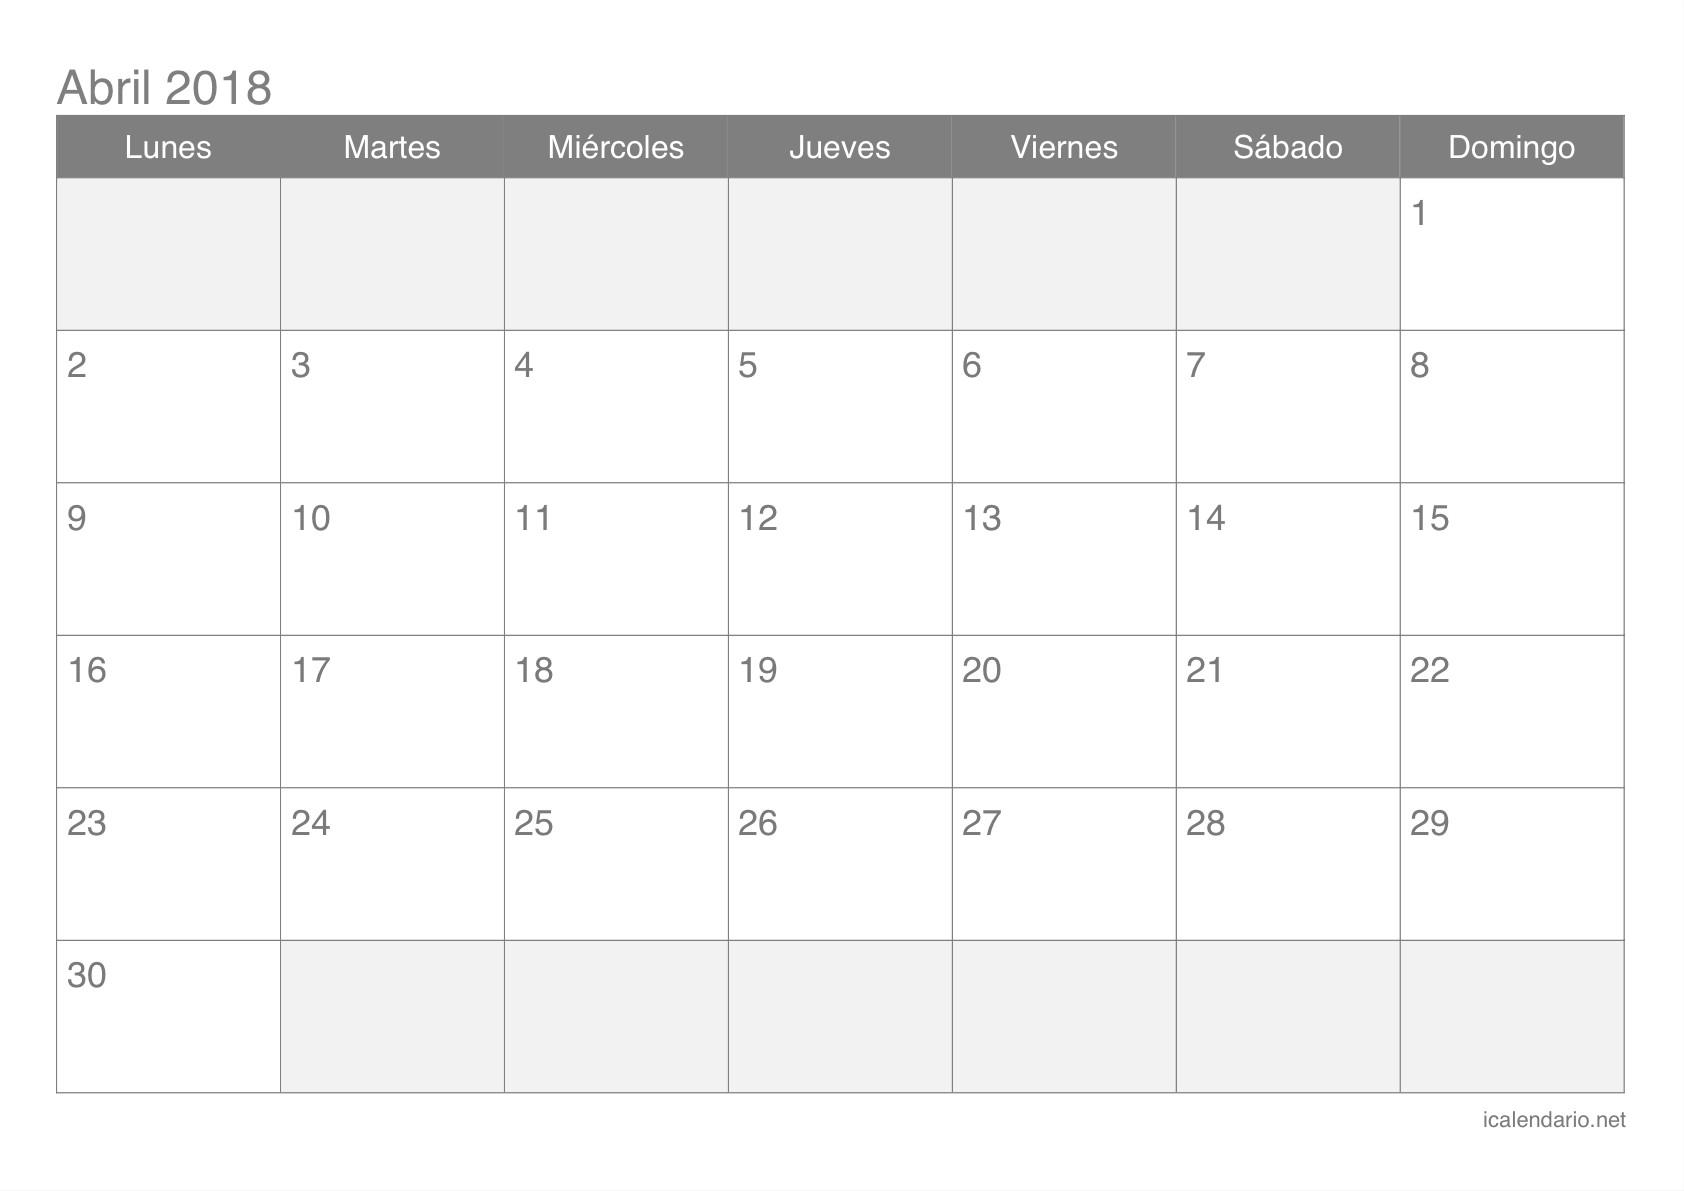 Calendario 2019 Chile Con Feriados Para Imprimir Pdf Más Populares Calendario Abril 2018 Para Imprimir Icalendario Of Calendario 2019 Chile Con Feriados Para Imprimir Pdf Actual Calendario 2018 9 Fondo Calendario May Blanco Csp Simple